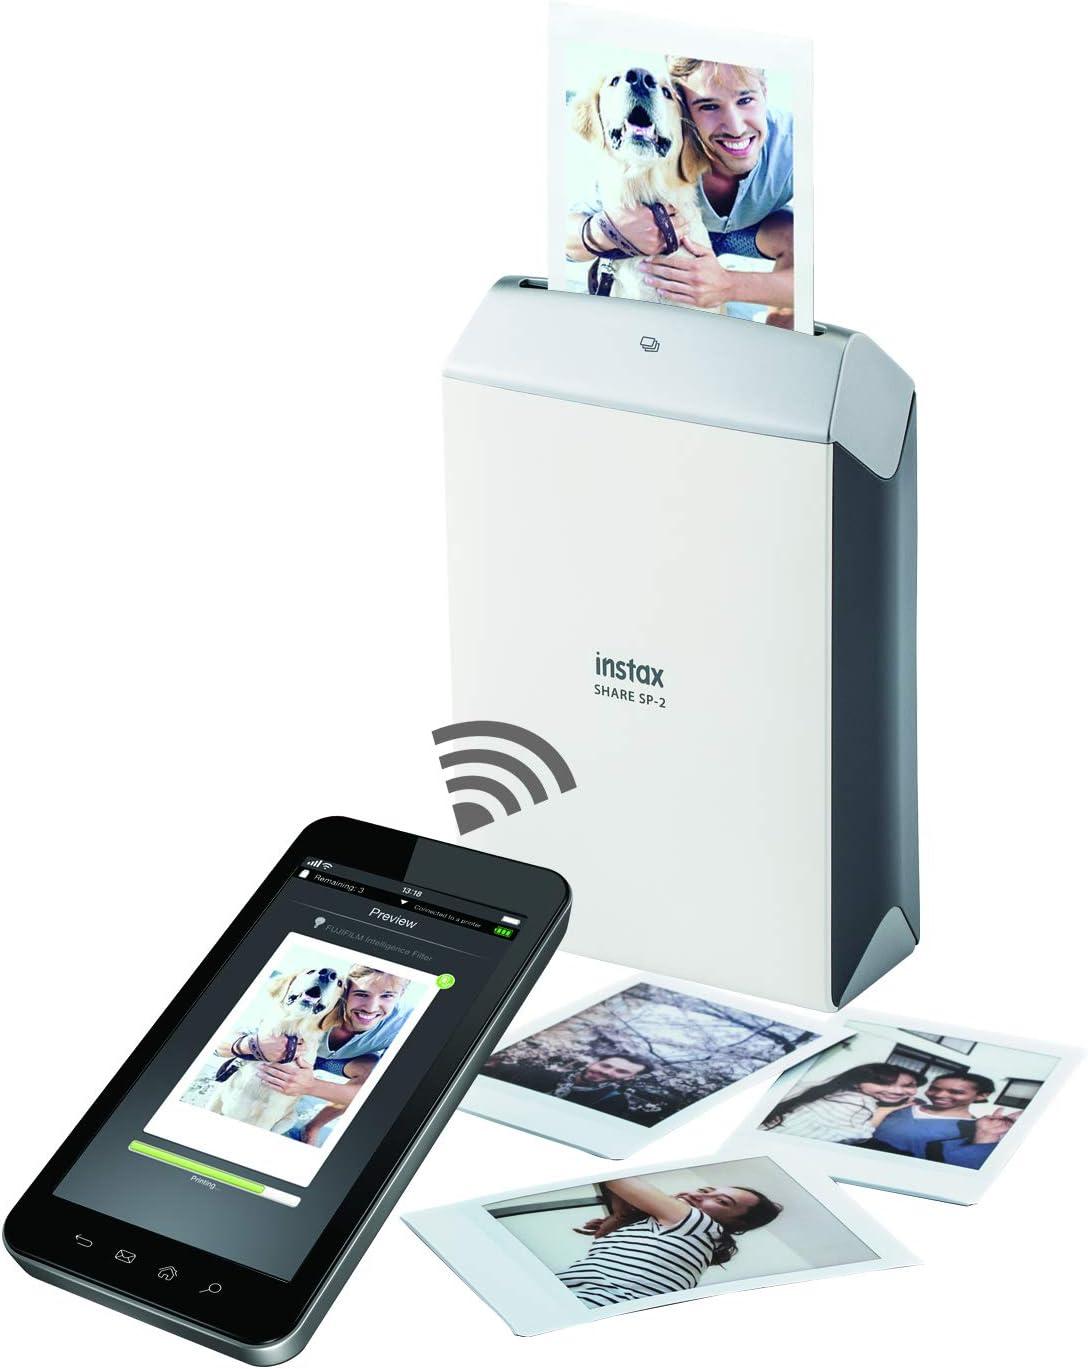 Fujifilm Instax Share SP-2 Mobile Printer